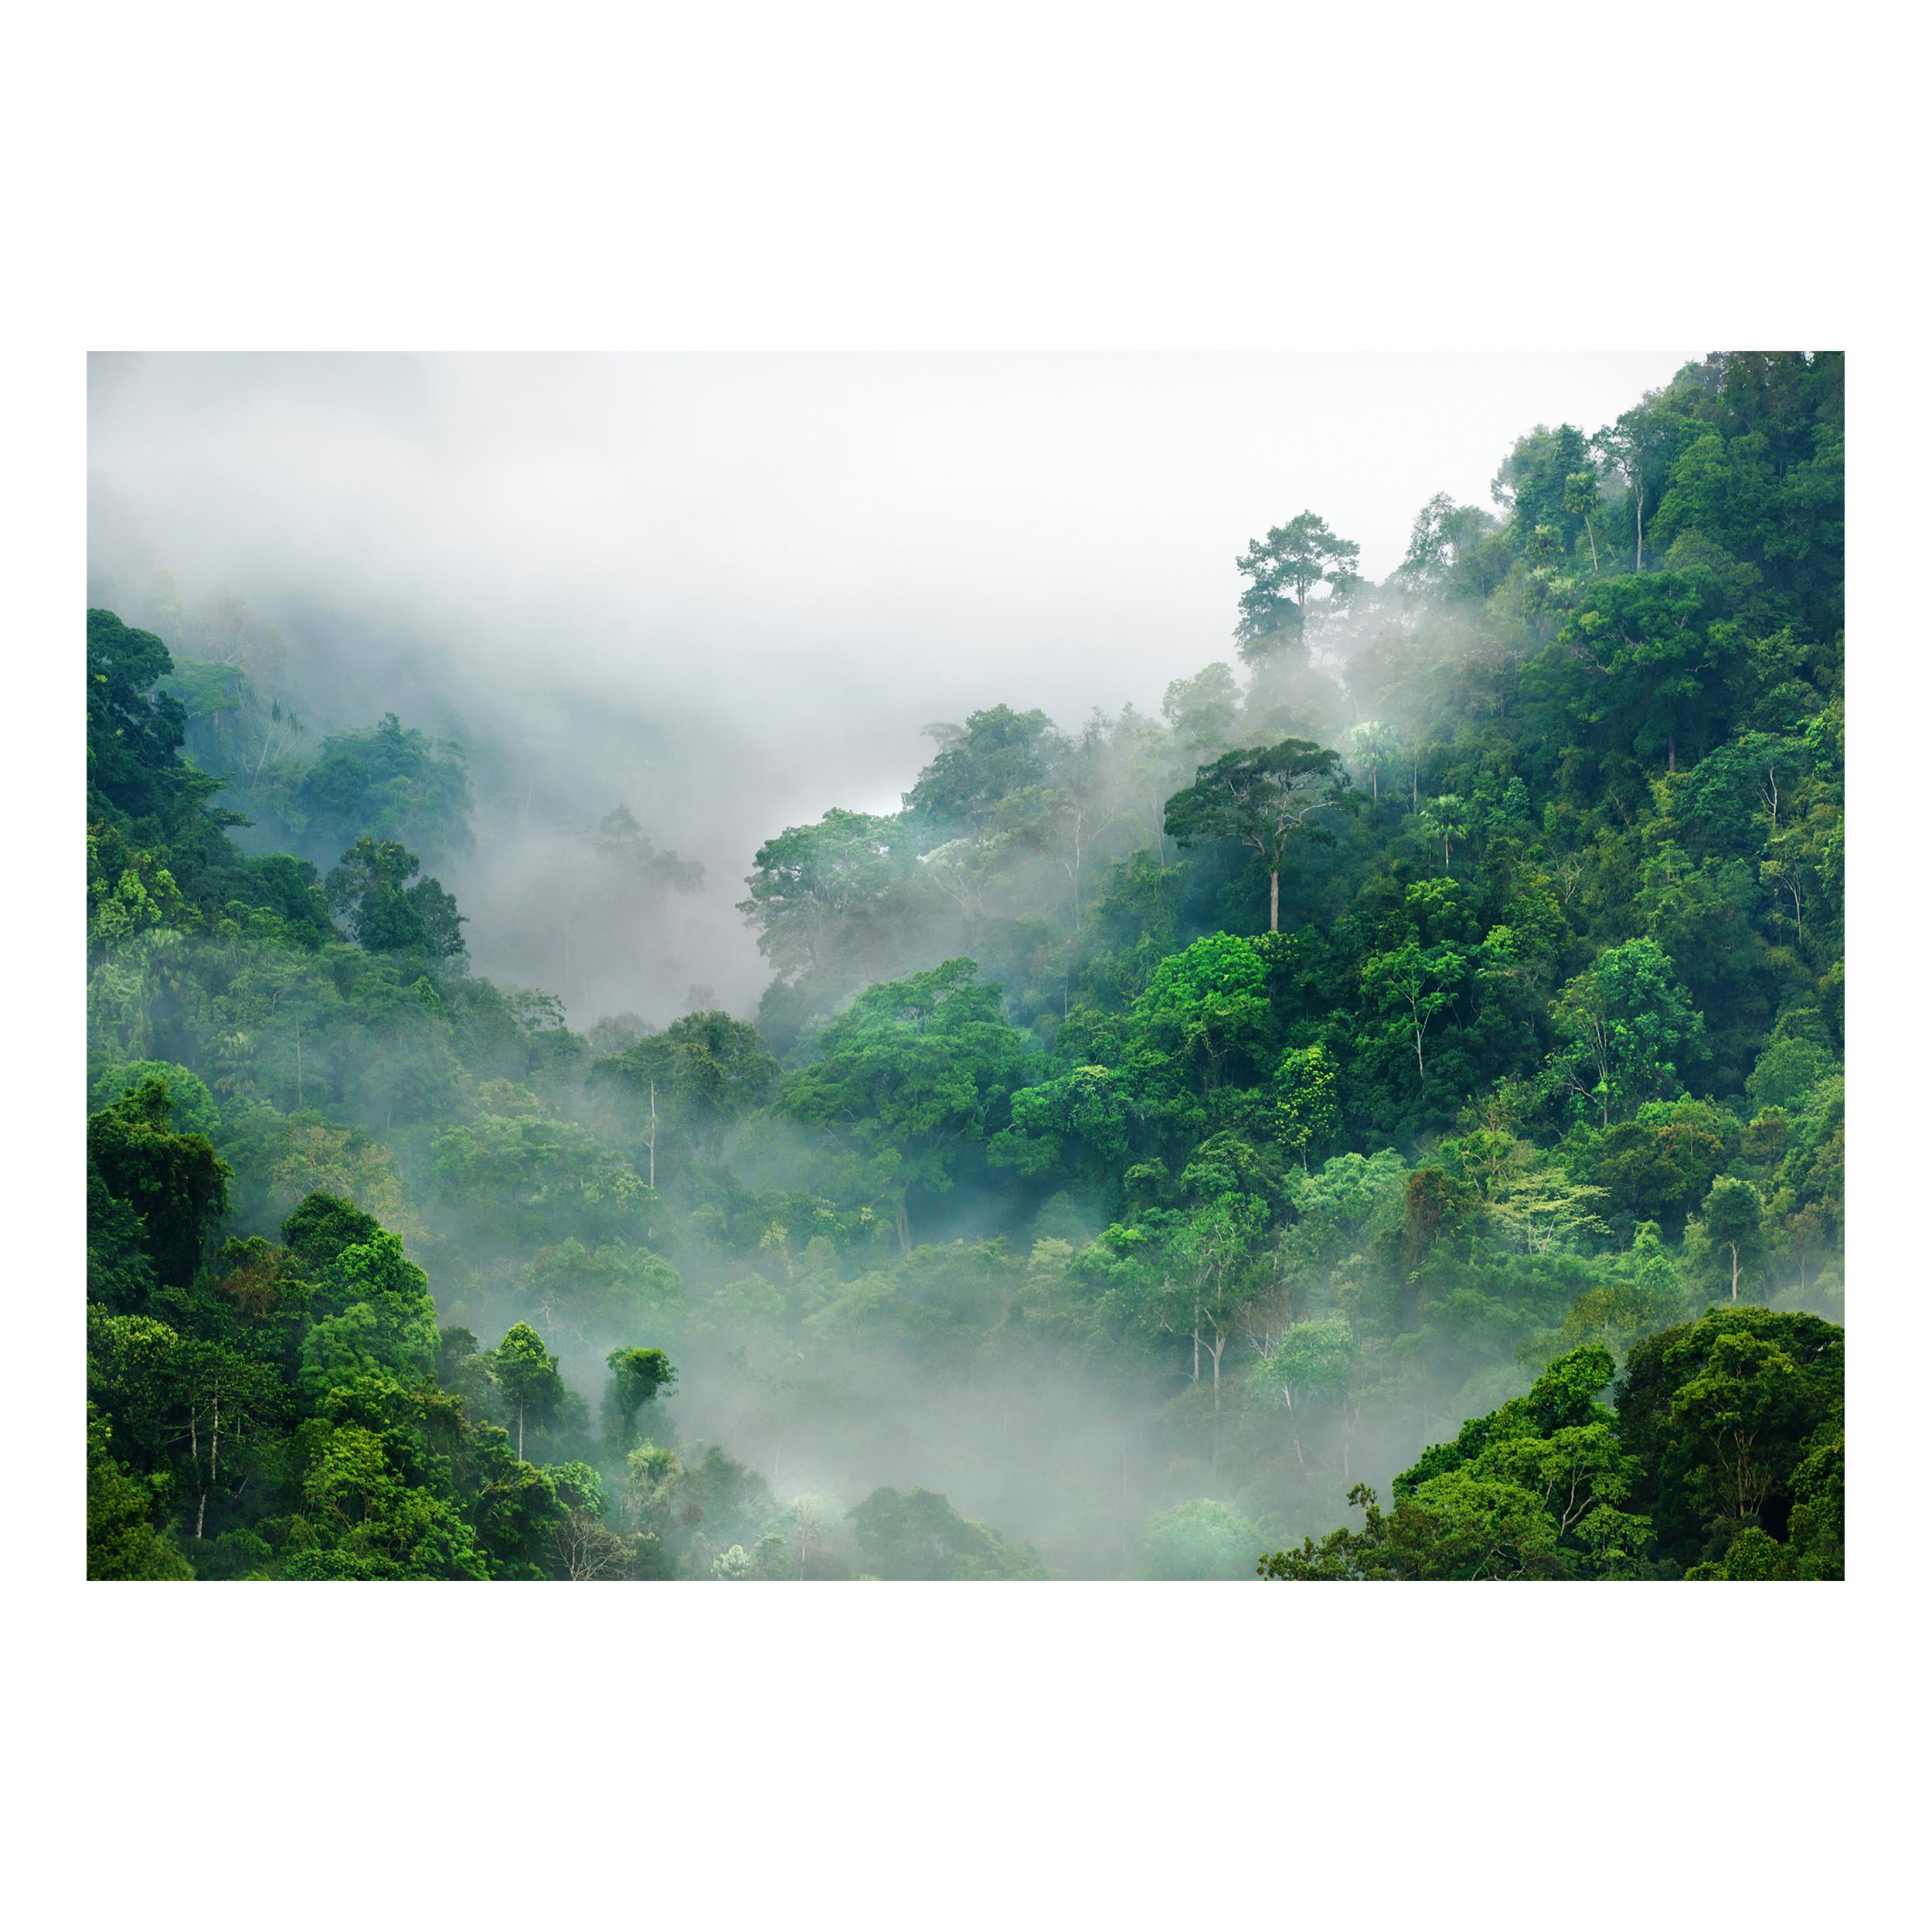 vlies fototapete natur wald landschaft nebel tapete. Black Bedroom Furniture Sets. Home Design Ideas